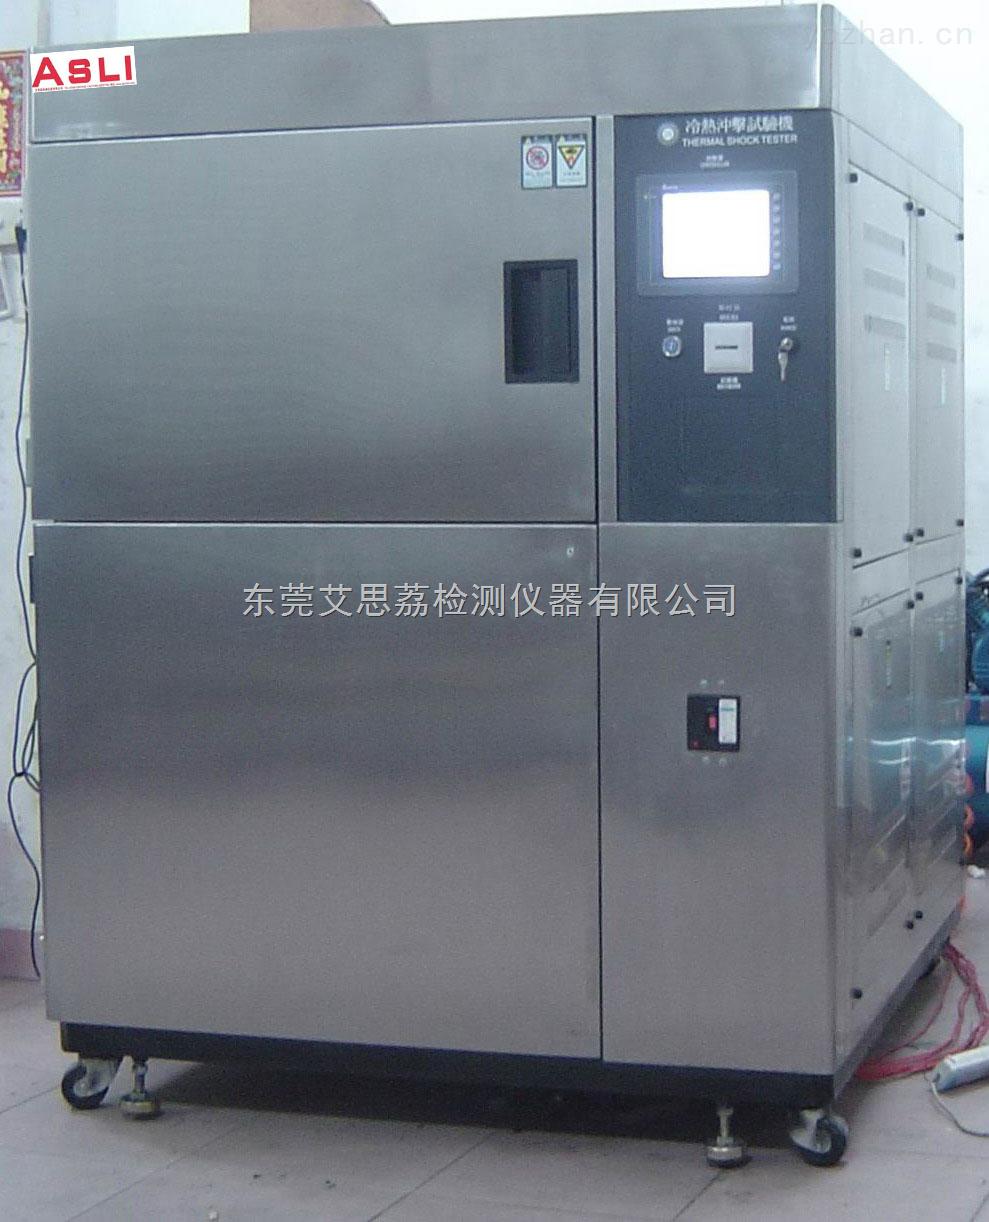 电热老化试验系统全部为100%国标 掌握核心技术,质量保障 进口